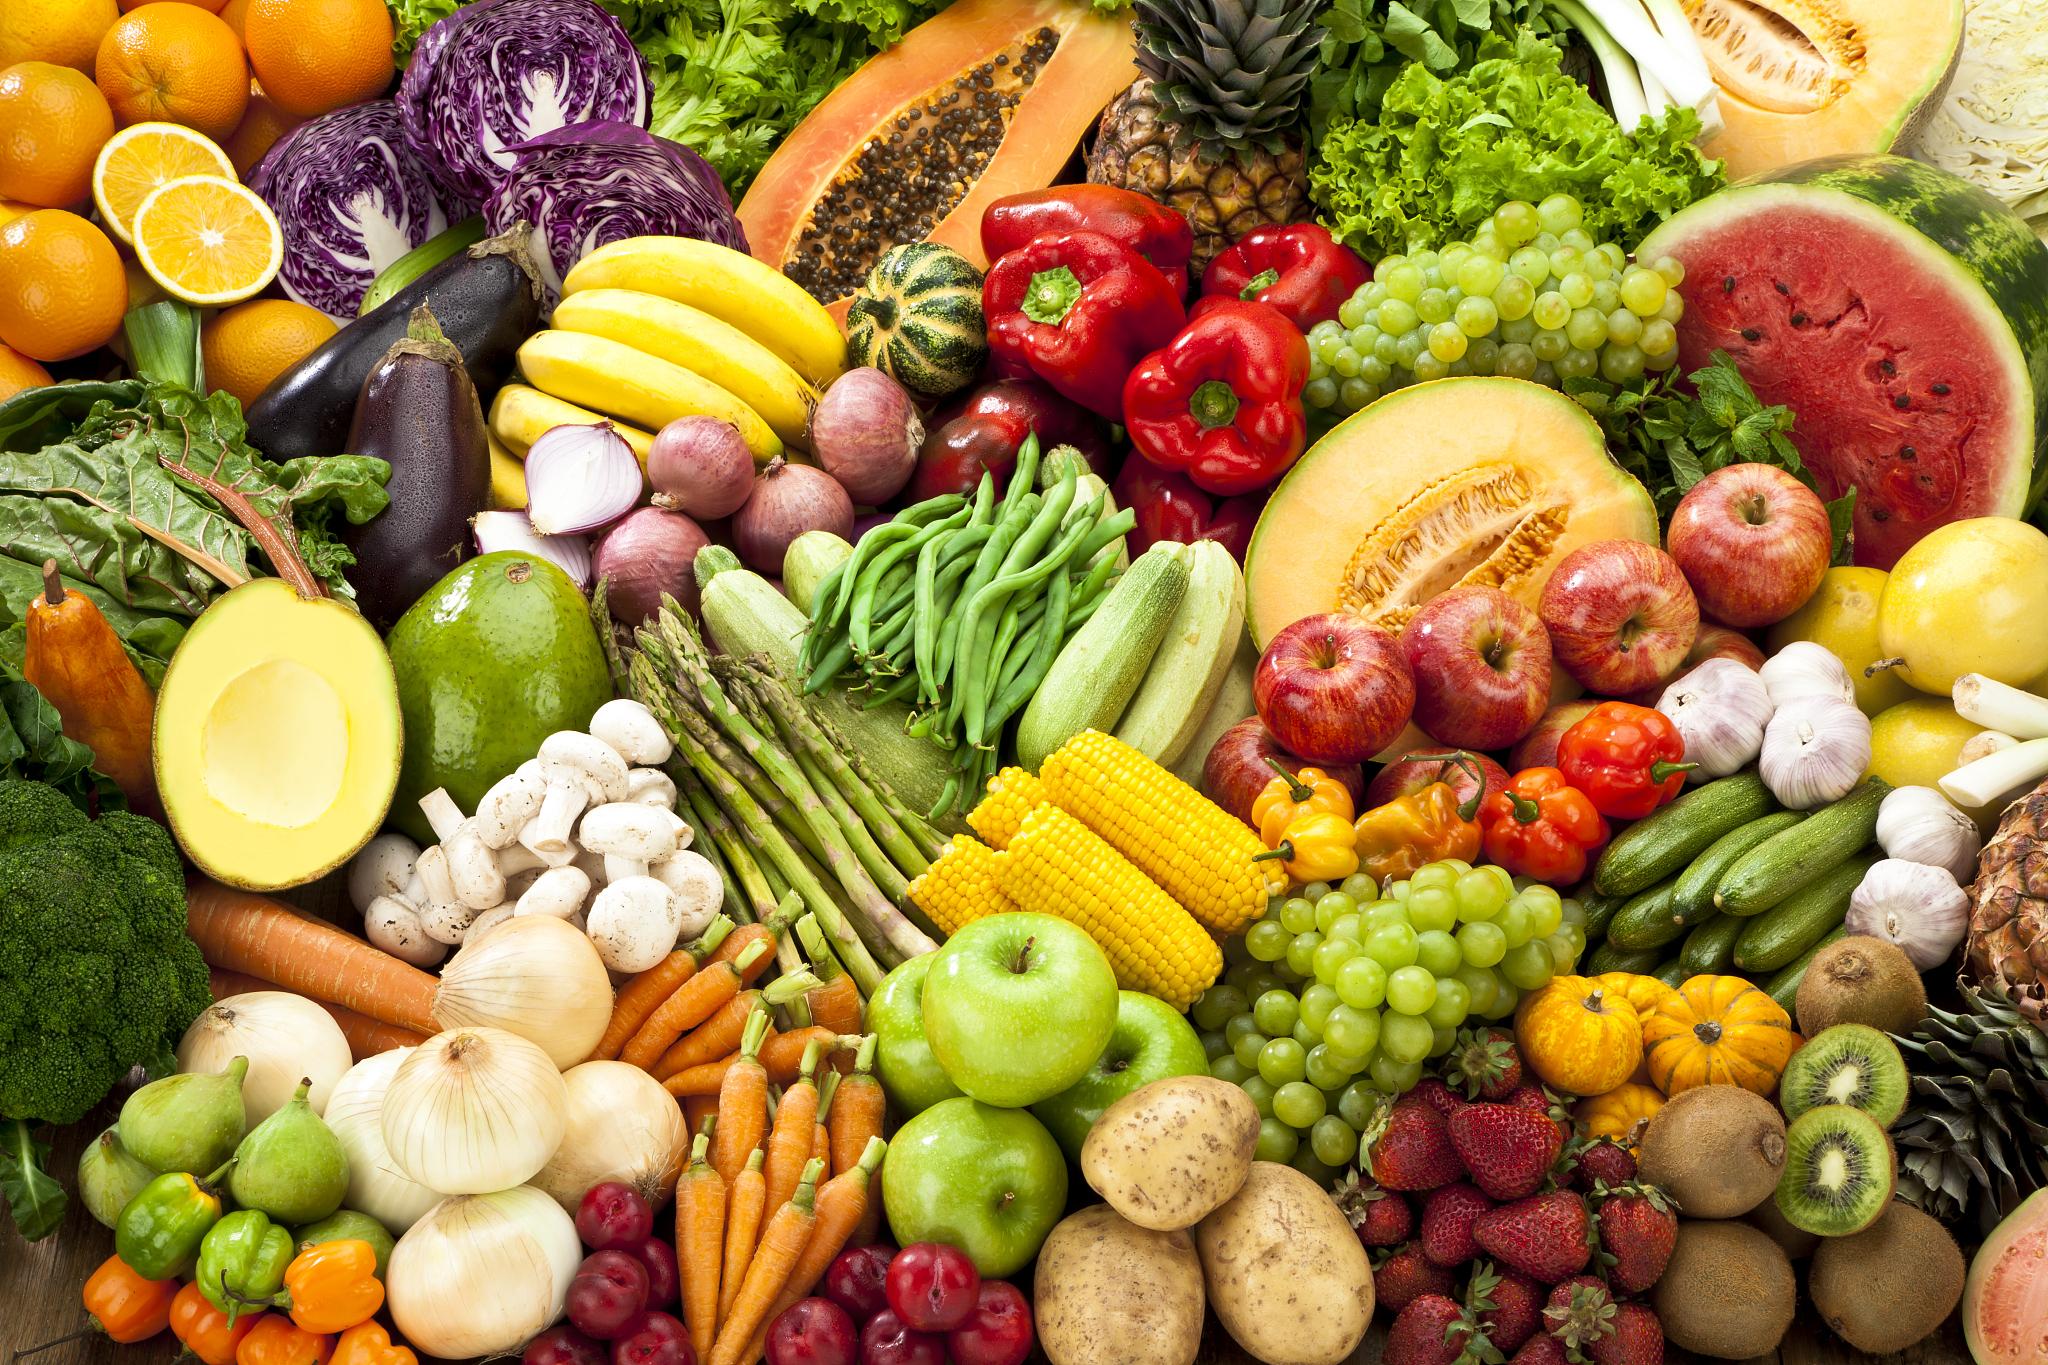 贵州省12个重点特色产业产品将亮相农交会